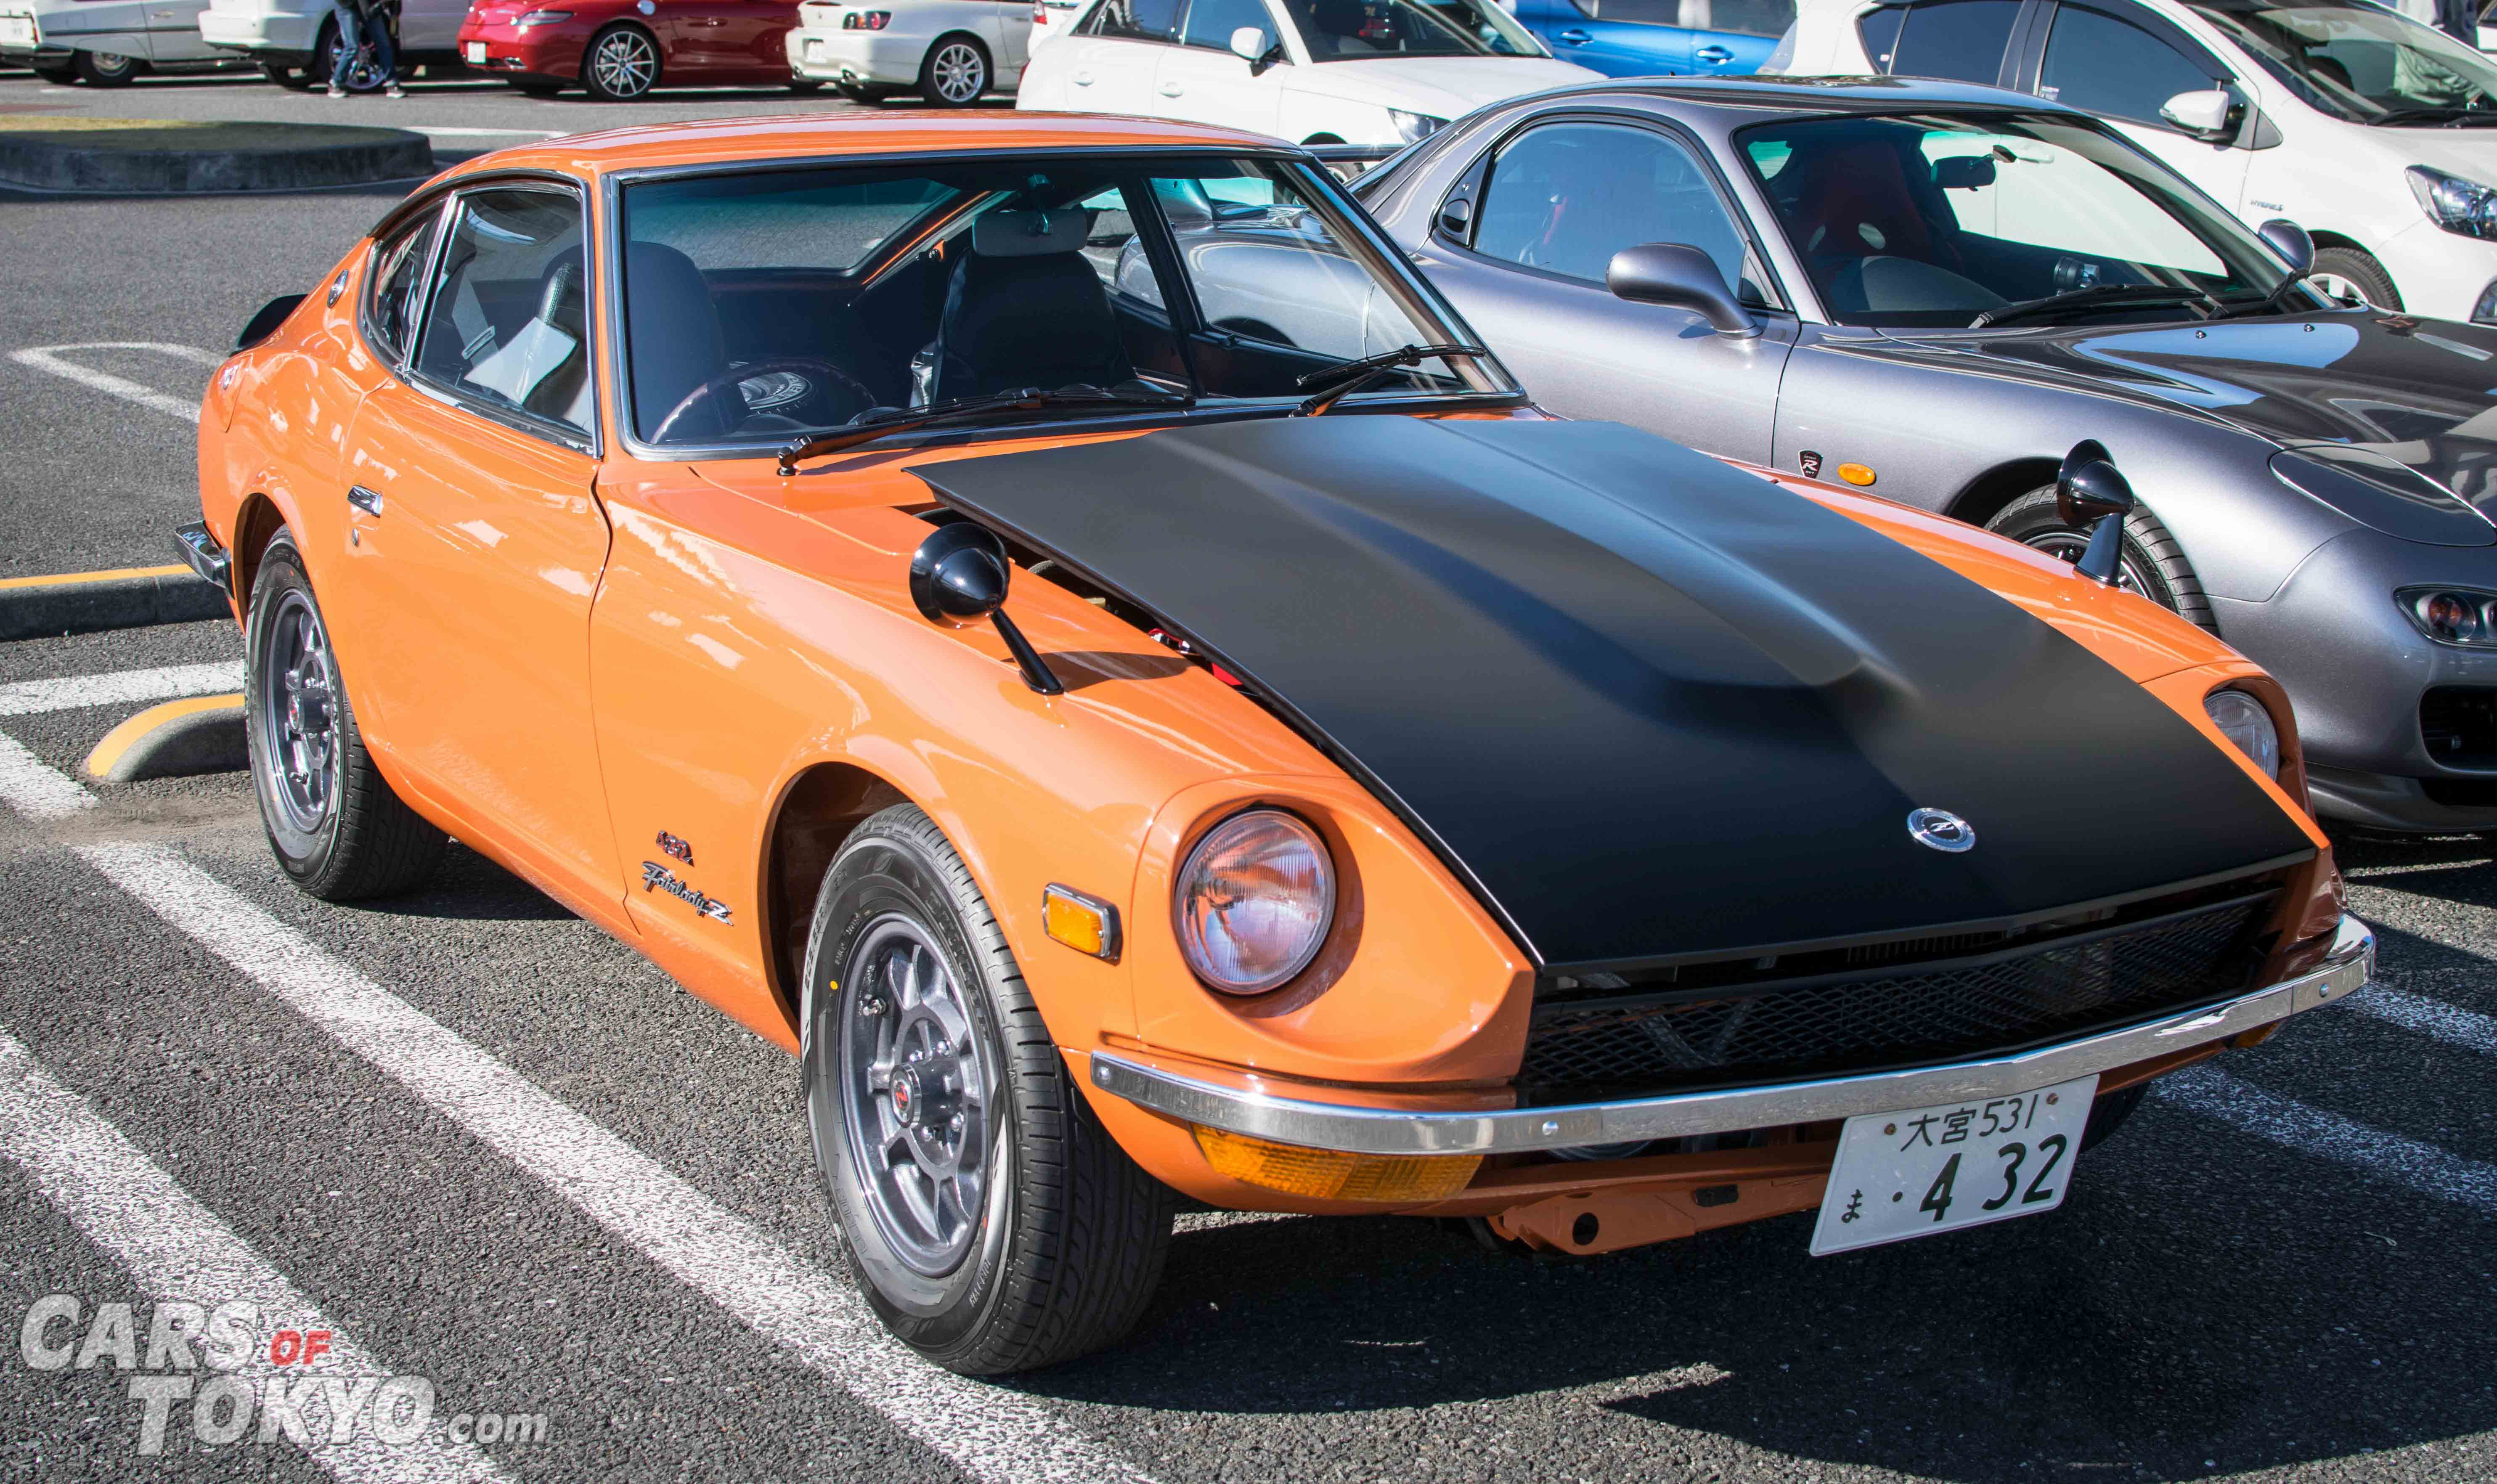 Cars of Tokyo Datsun 240Z 432